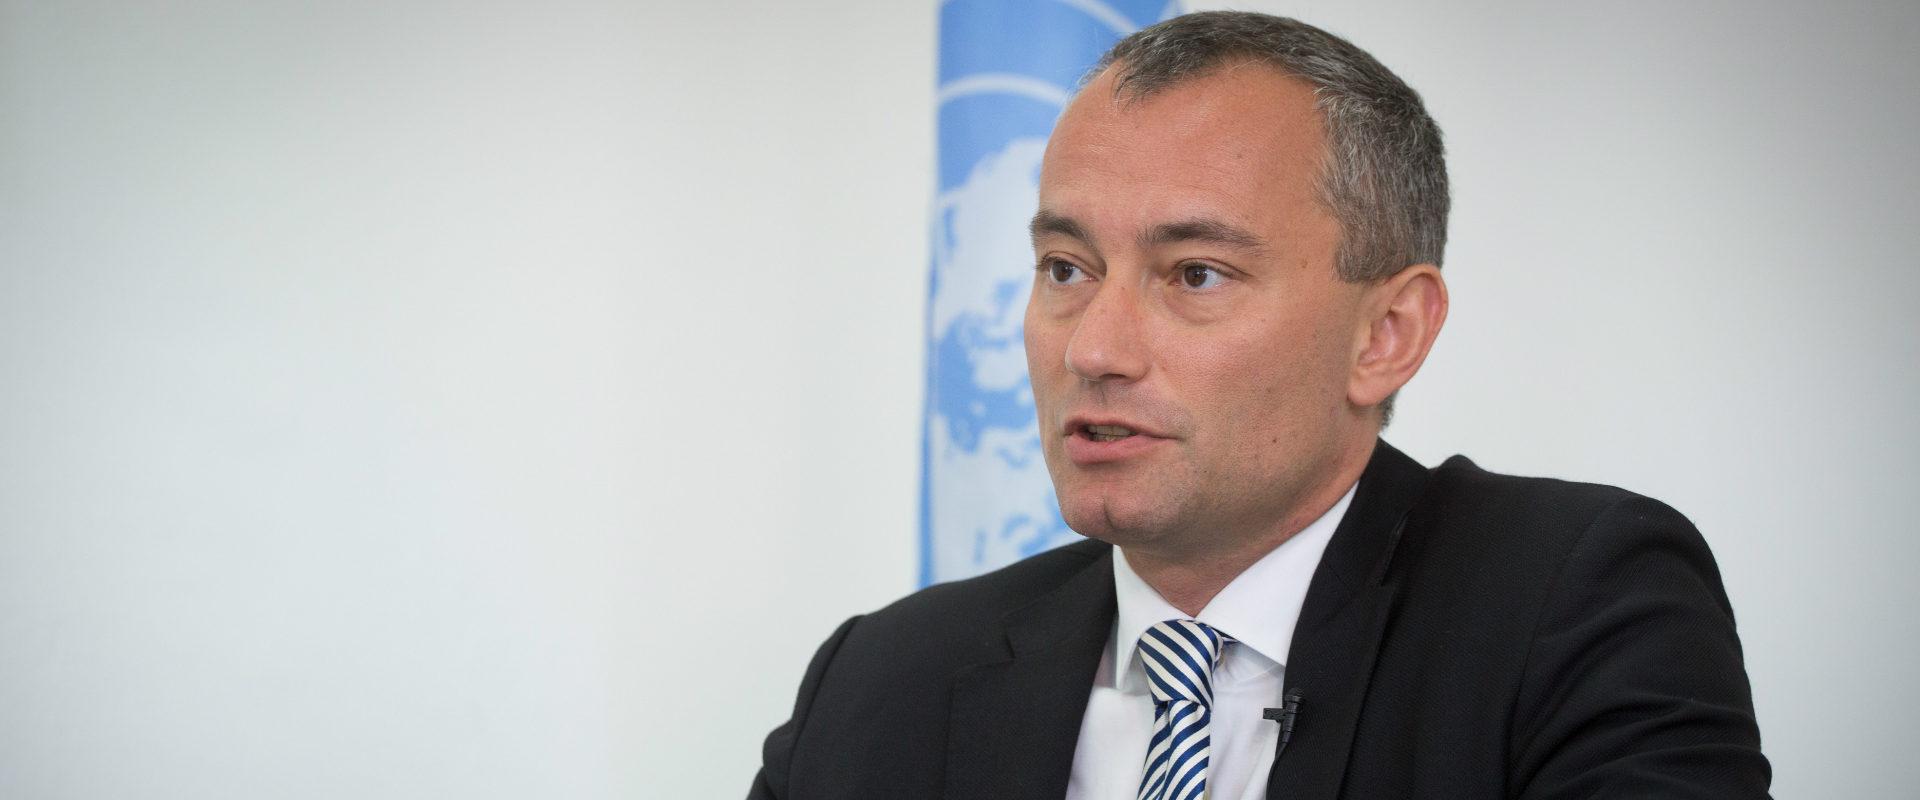 """שליח האו""""ם למזרח התיכון, ניקולאי מלאדנוב"""